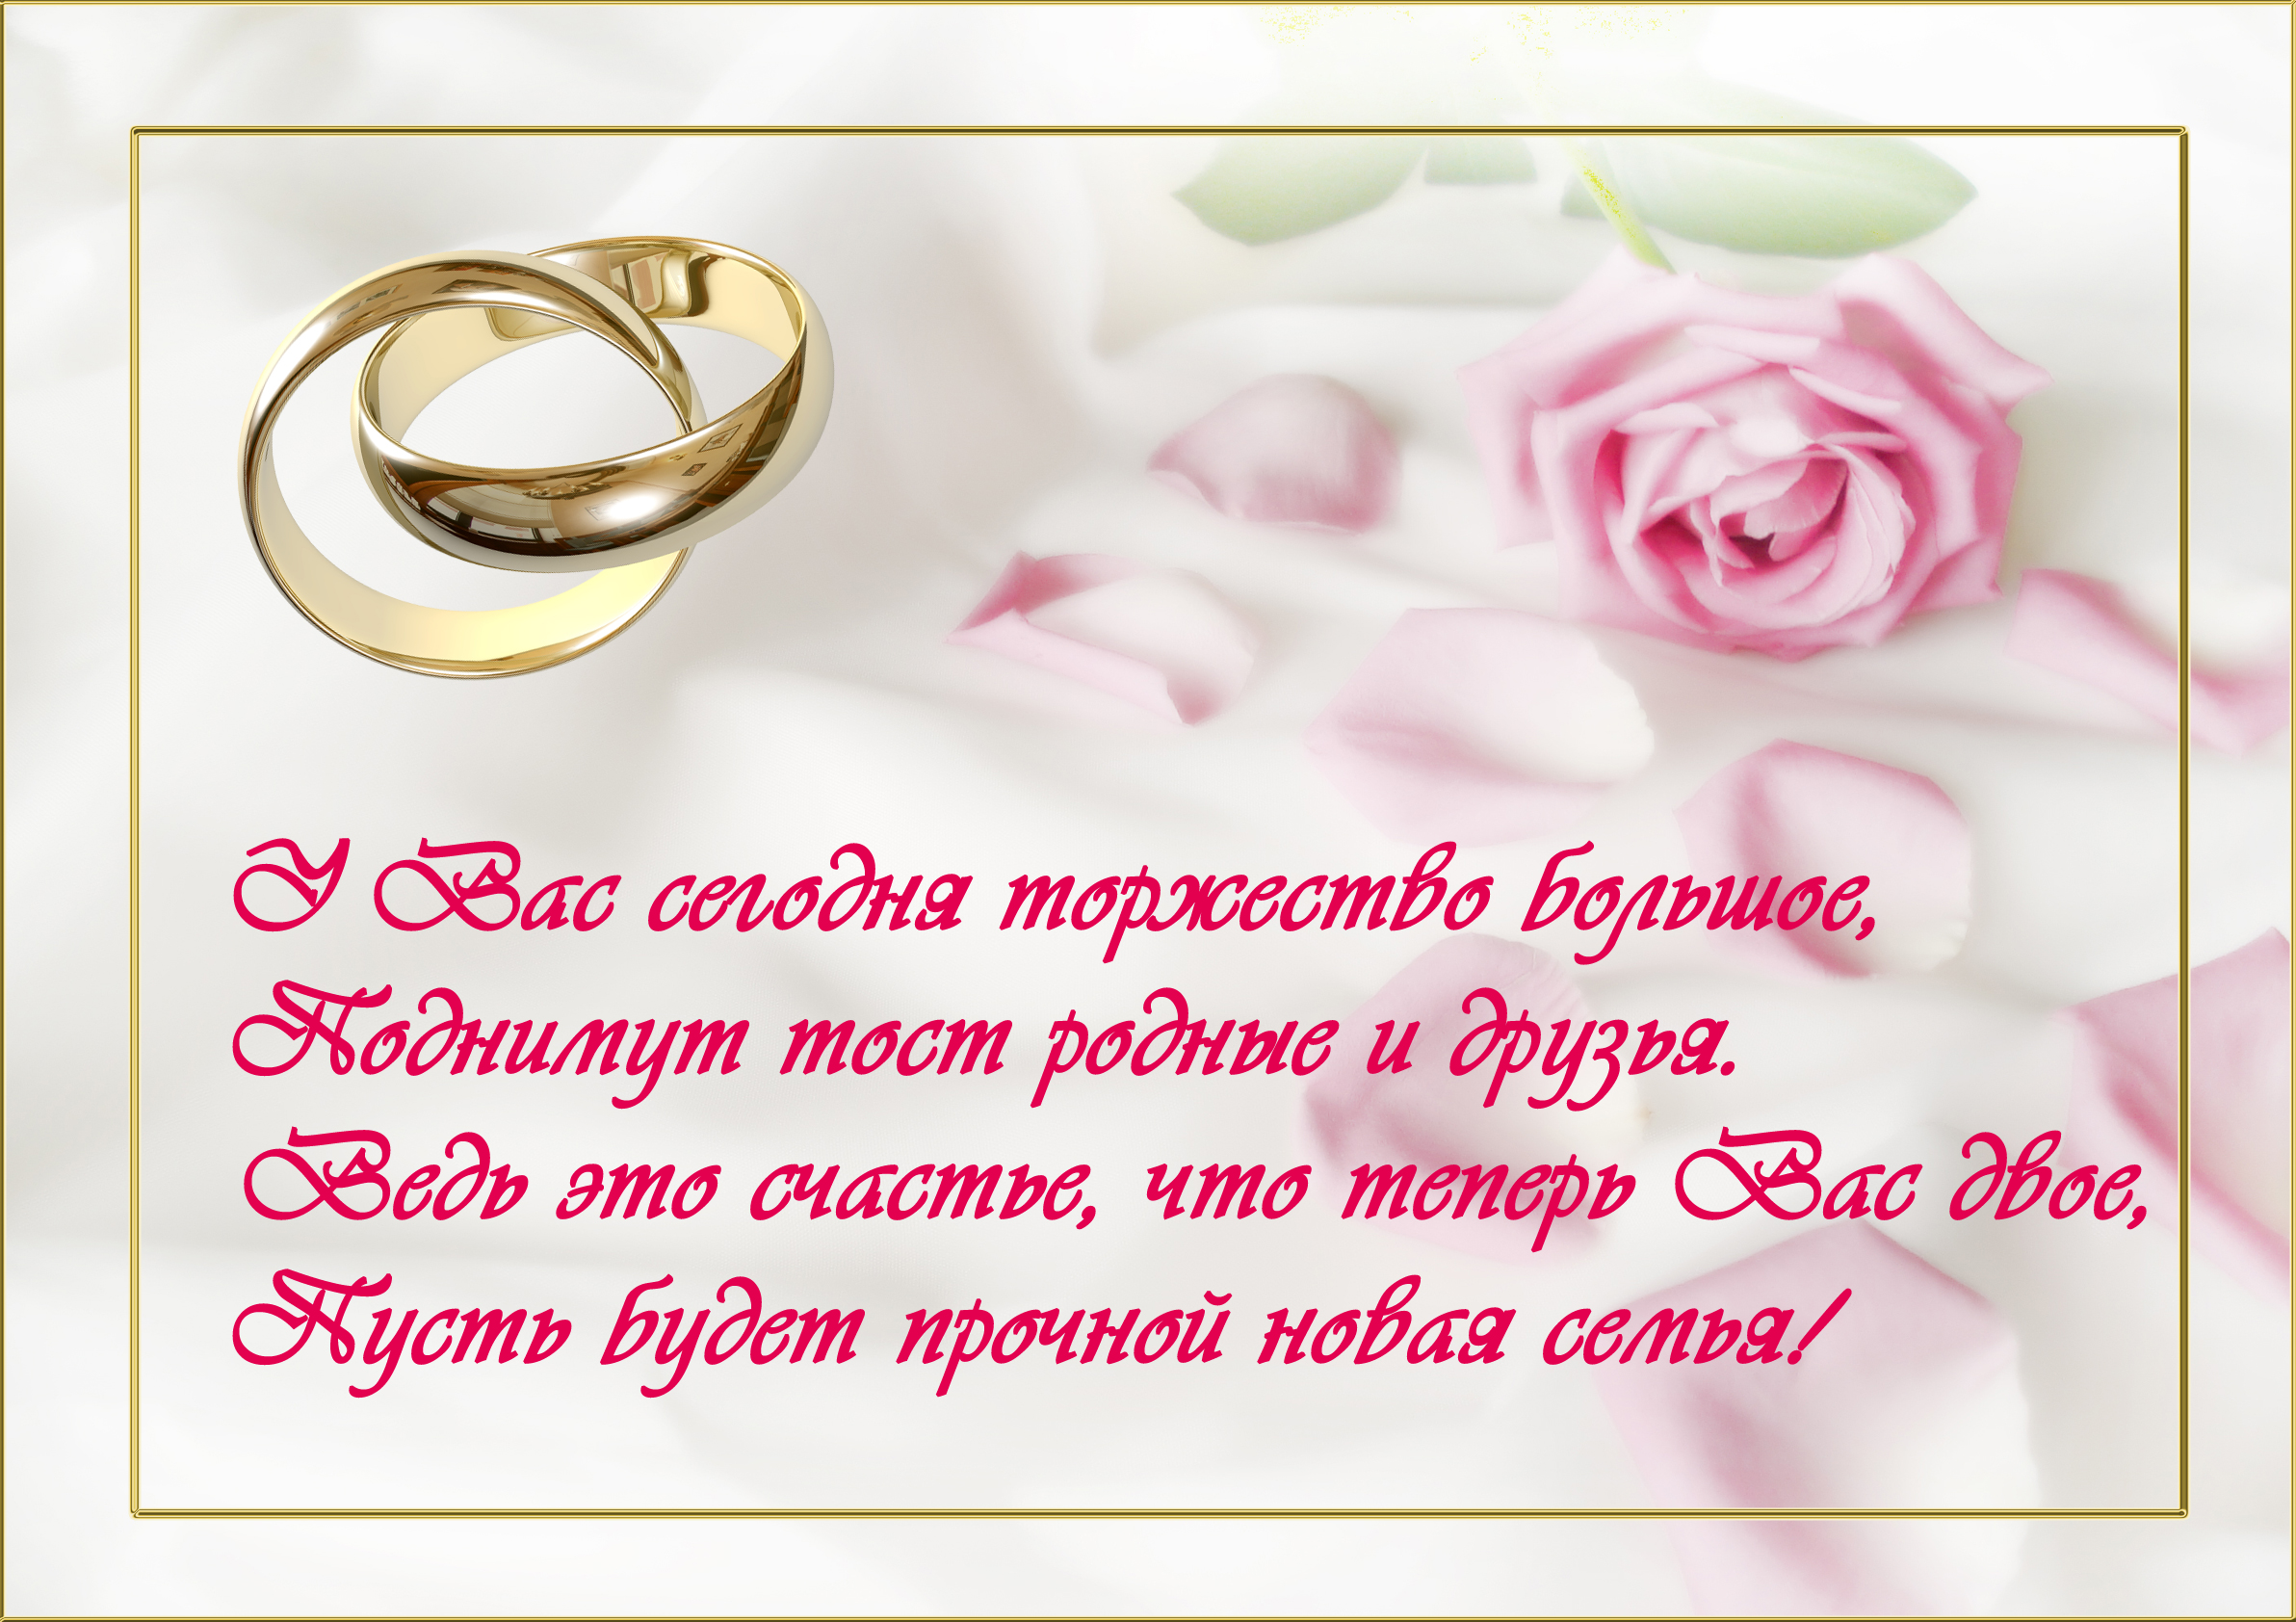 Поздравление для младшей сестры на свадьбу в прозе